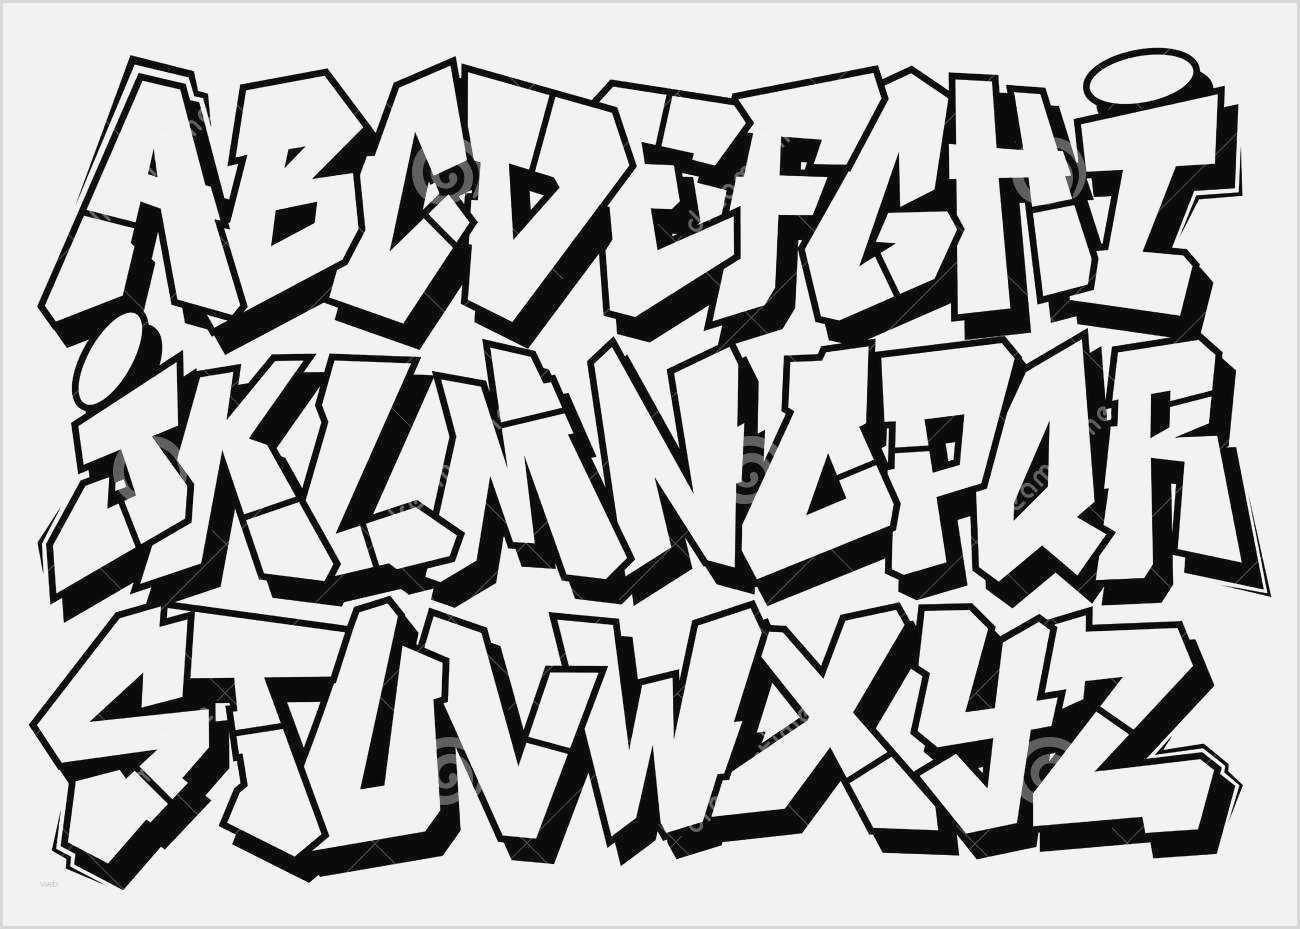 Graffiti Schrift Vorlagen Erstaunlich Buchstaben Graffiti für Graffiti Buchstaben Vorlagen